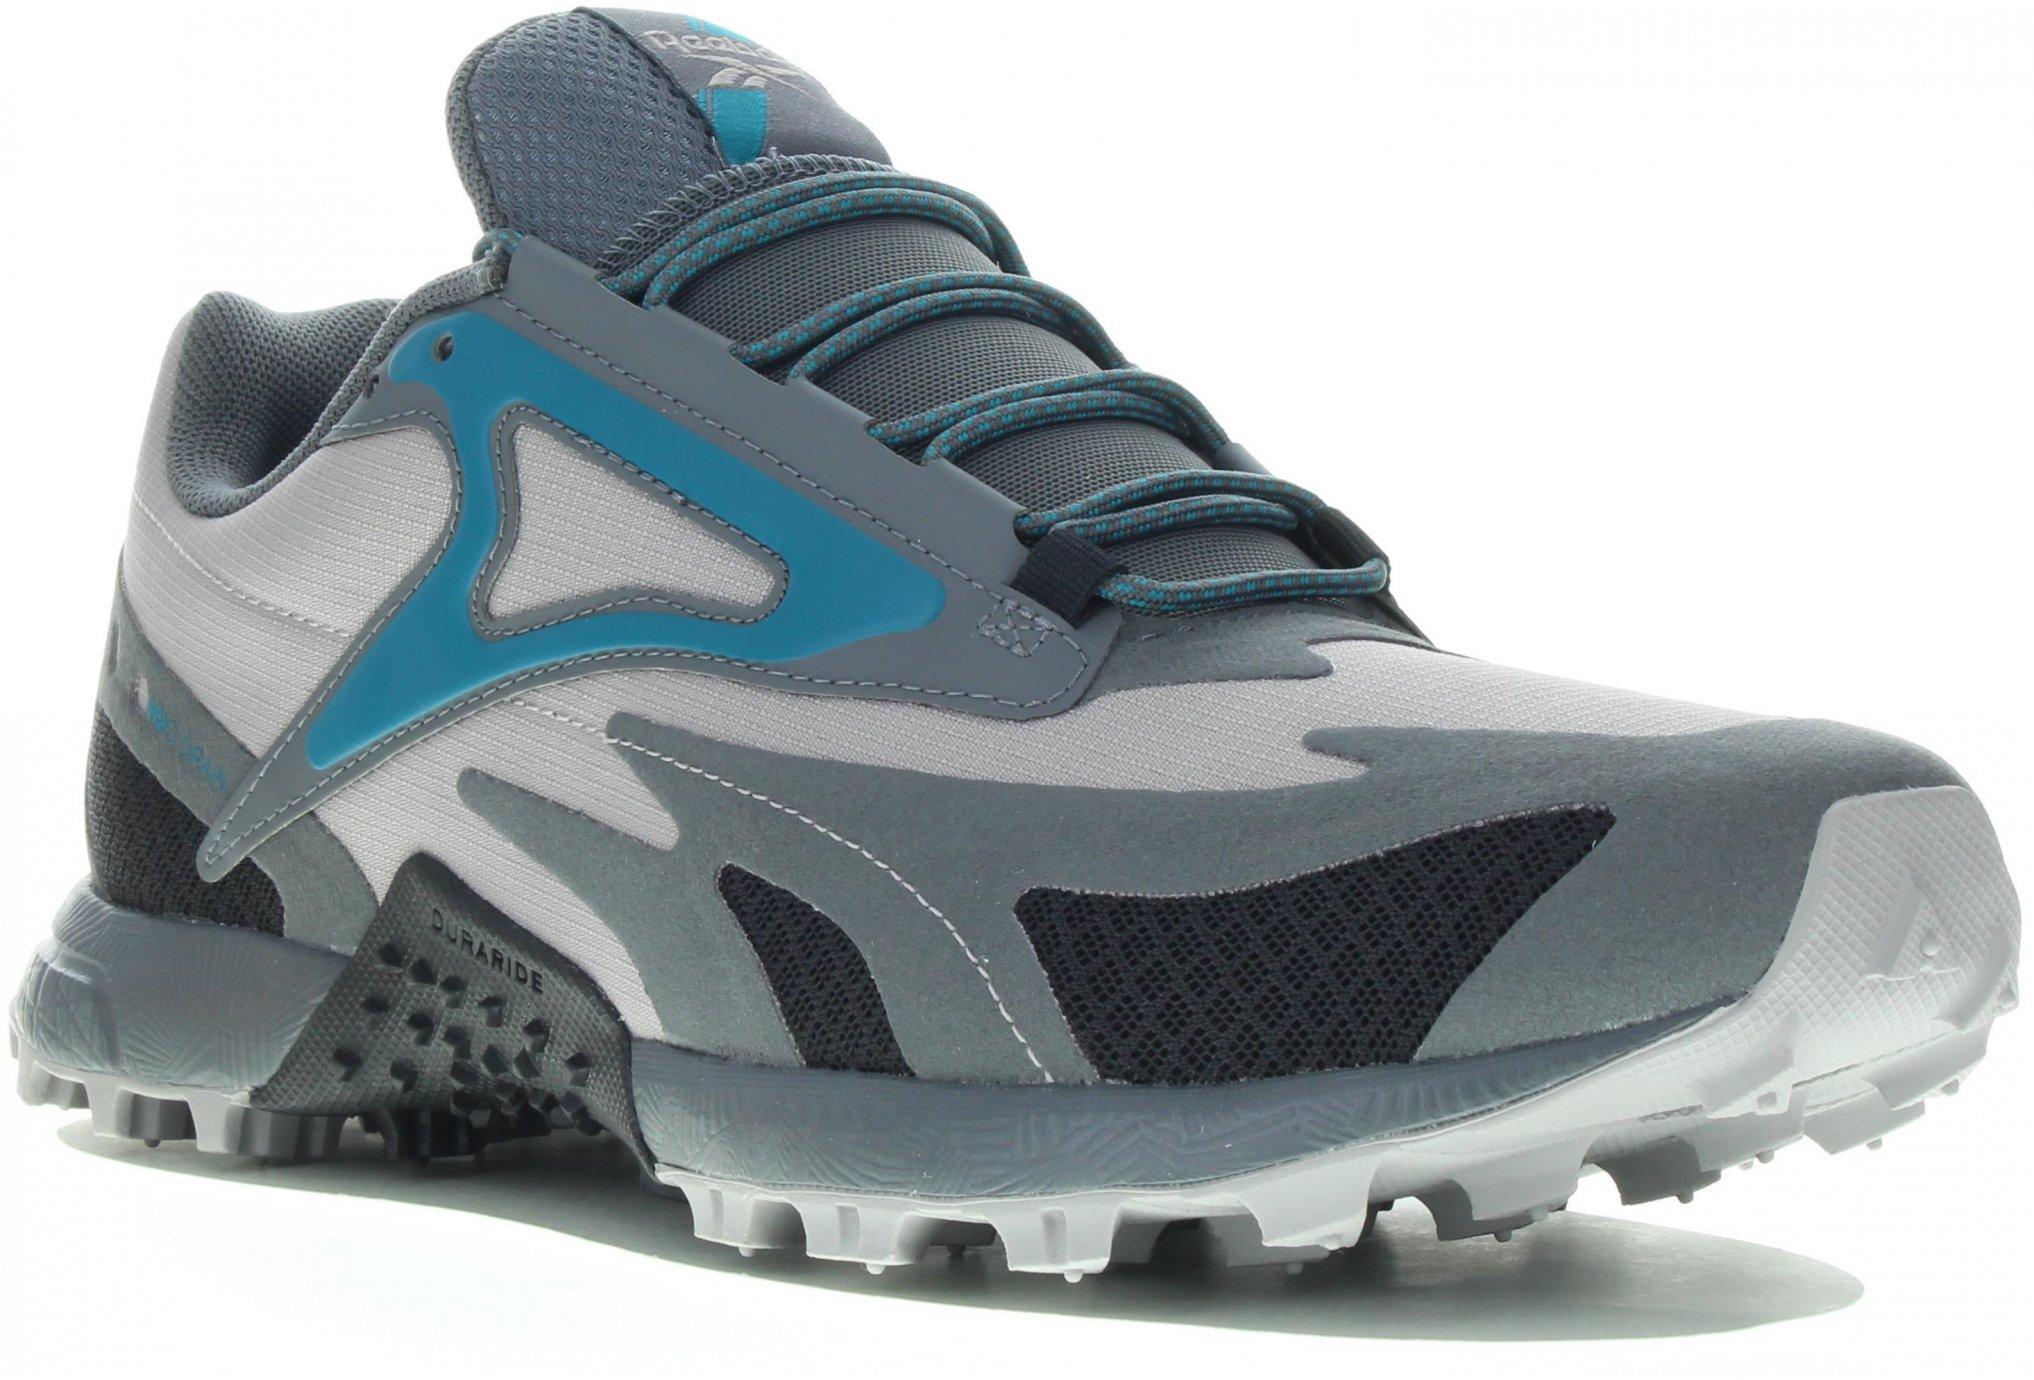 Reebok All Terrain Craze 2.0 Chaussures homme